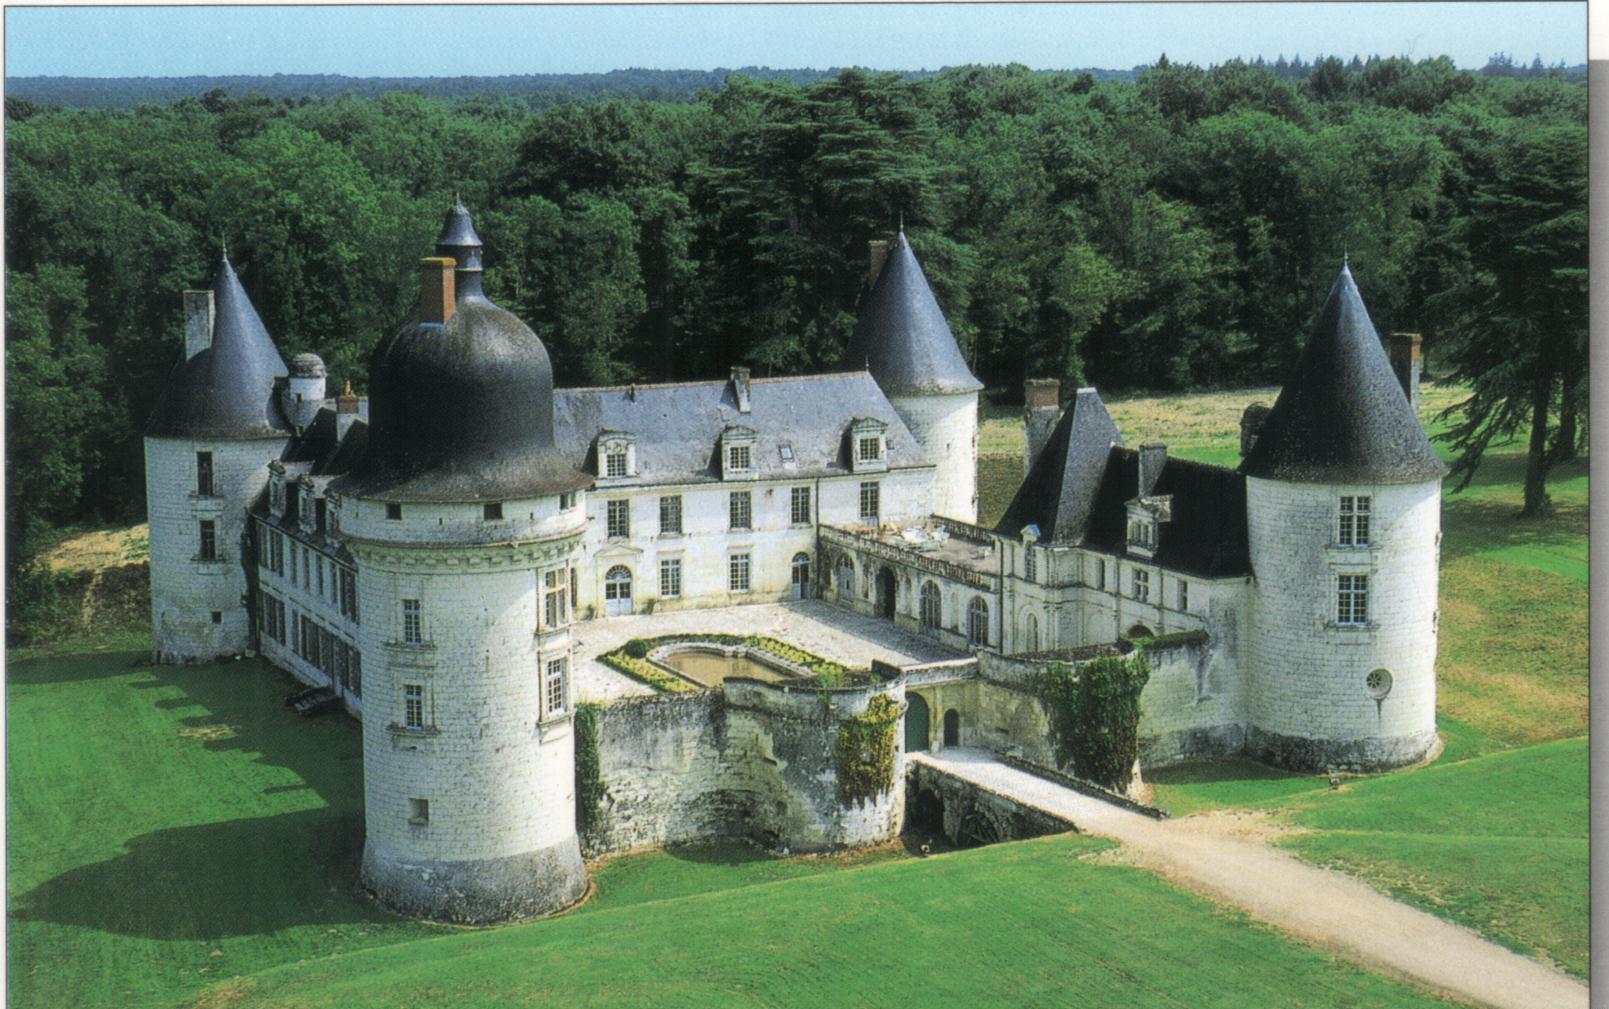 http://renaissance.mrugala.net/Chateaux/France,_Loir-et-Cher,_Monthou-sur-Cher,_Chateau_du_Gue_Pean/Monthou%20sur%20Cher%20-%20Le%20chateau%20du%20Gue%20Pean.jpg